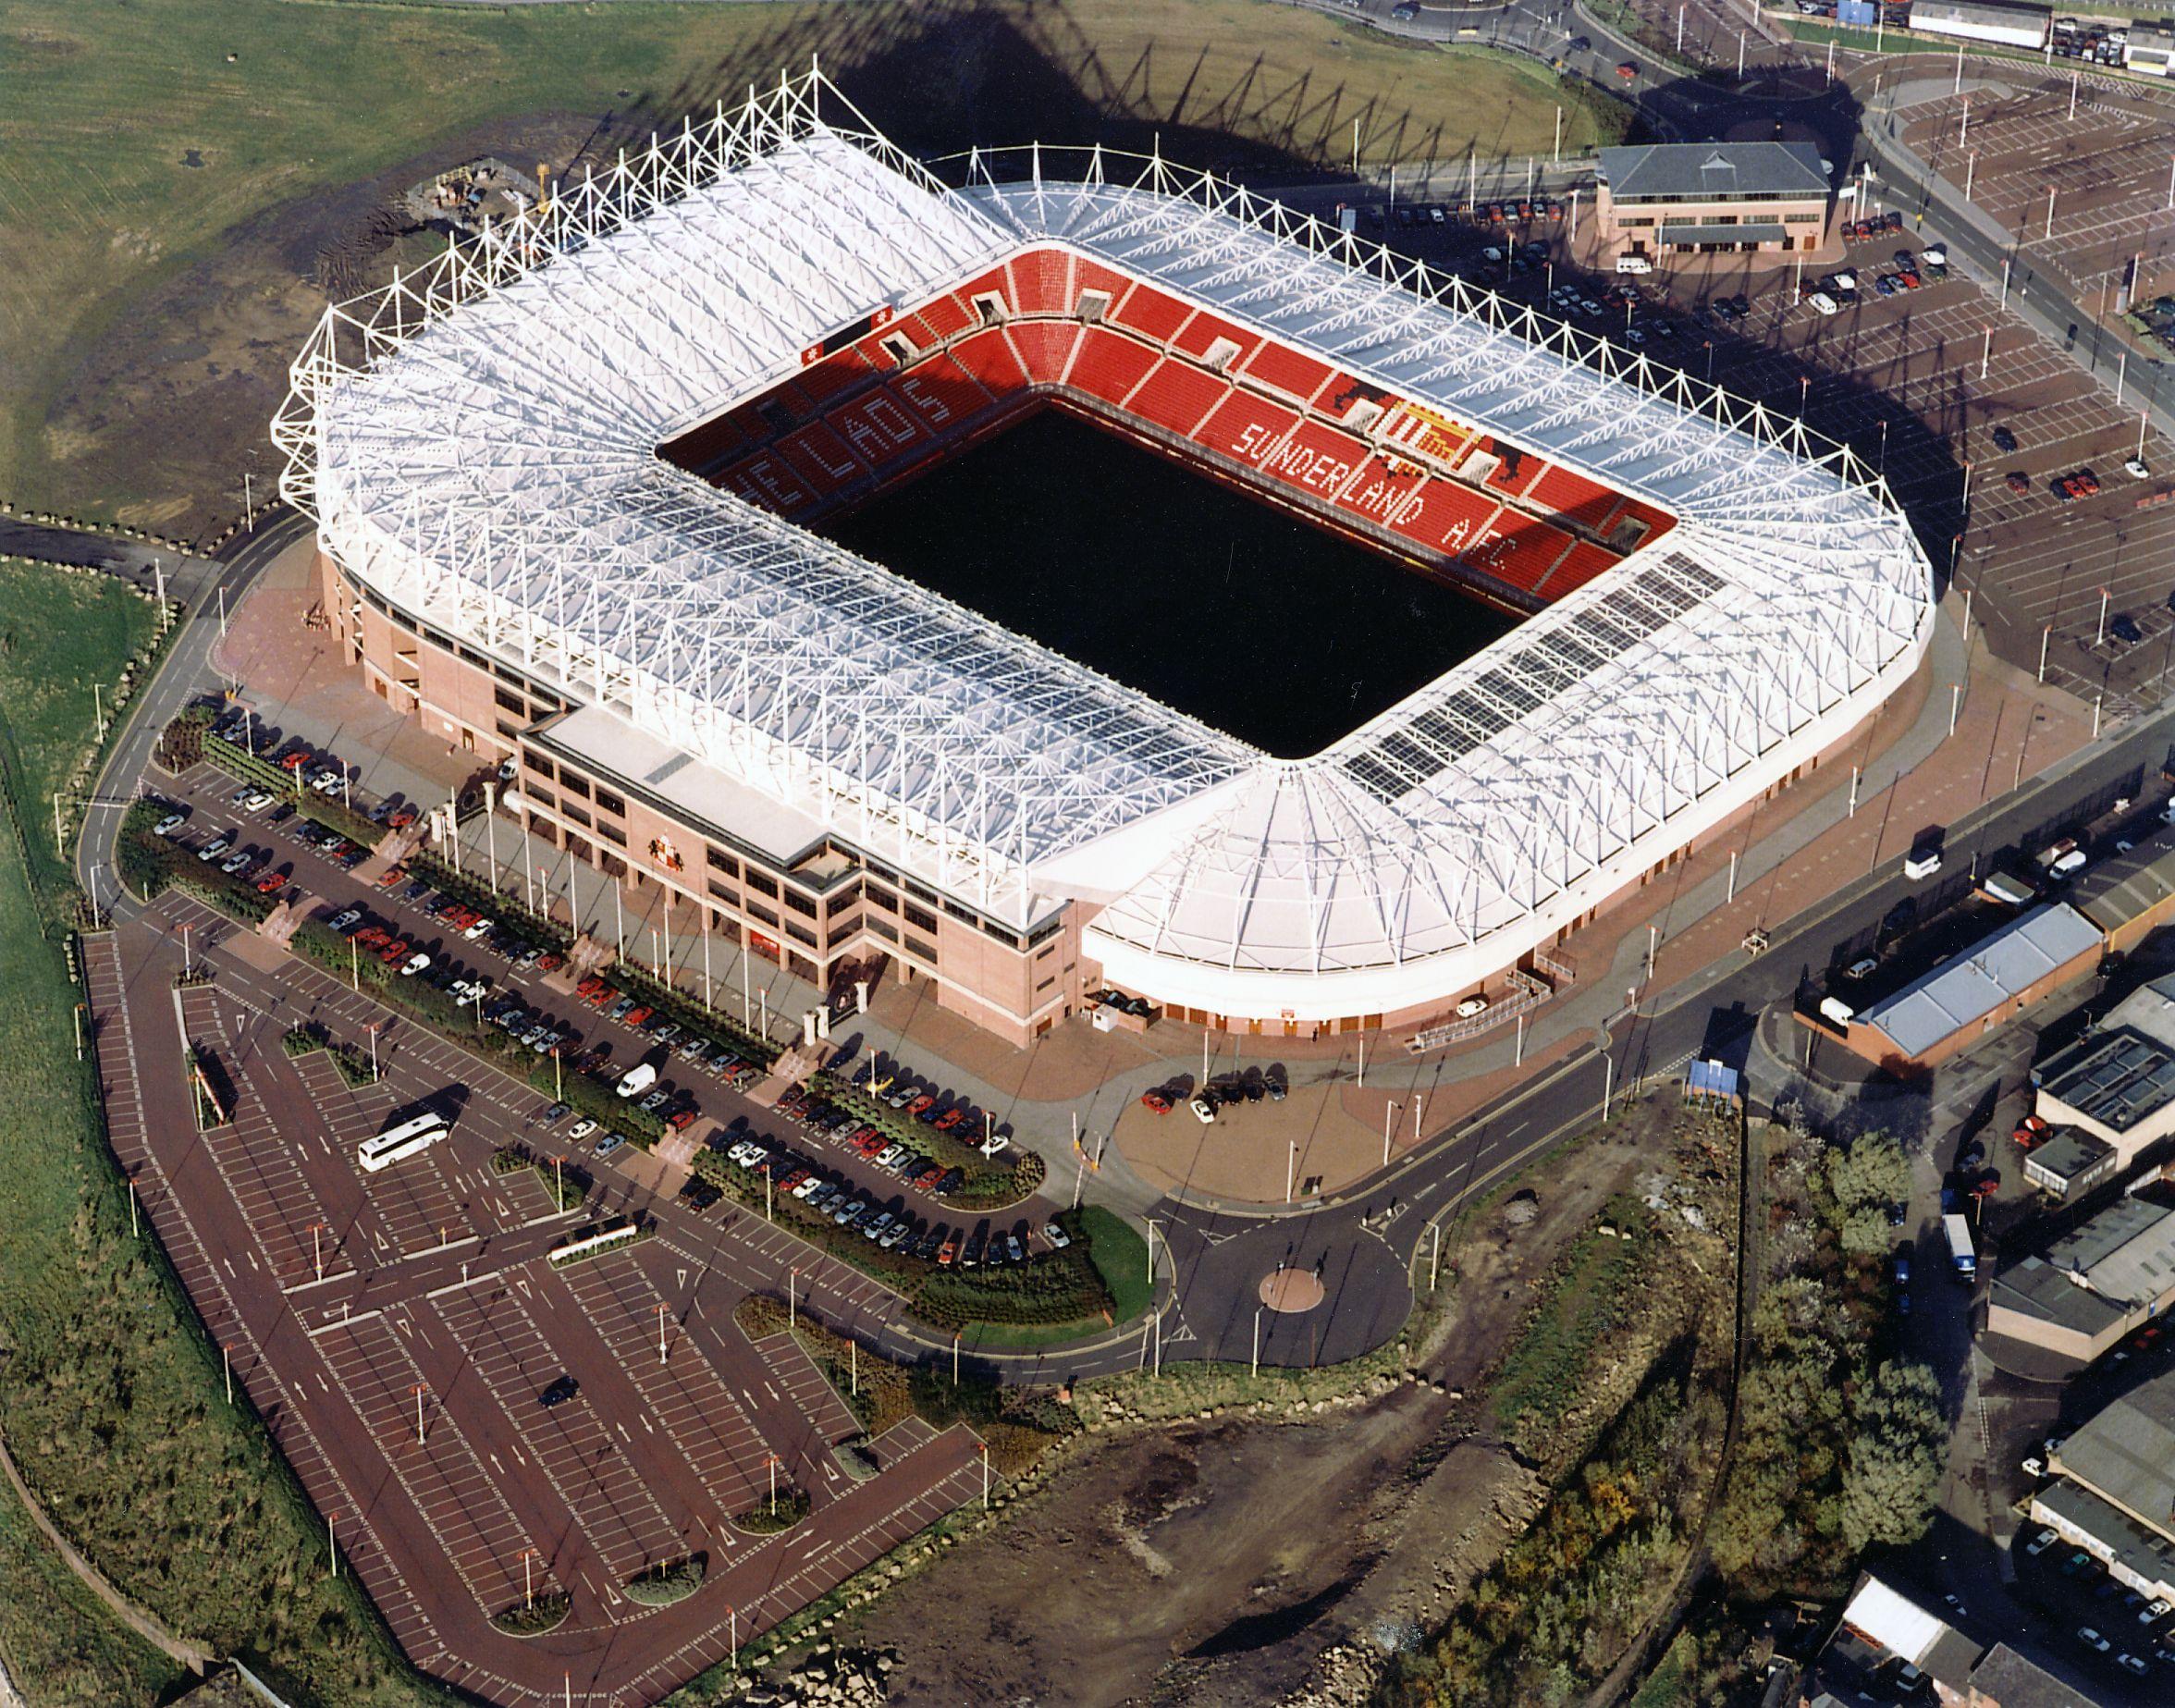 Stadium of Light (en español  Estadio de Luz) es un estadio de fútbol 8b31eed715b